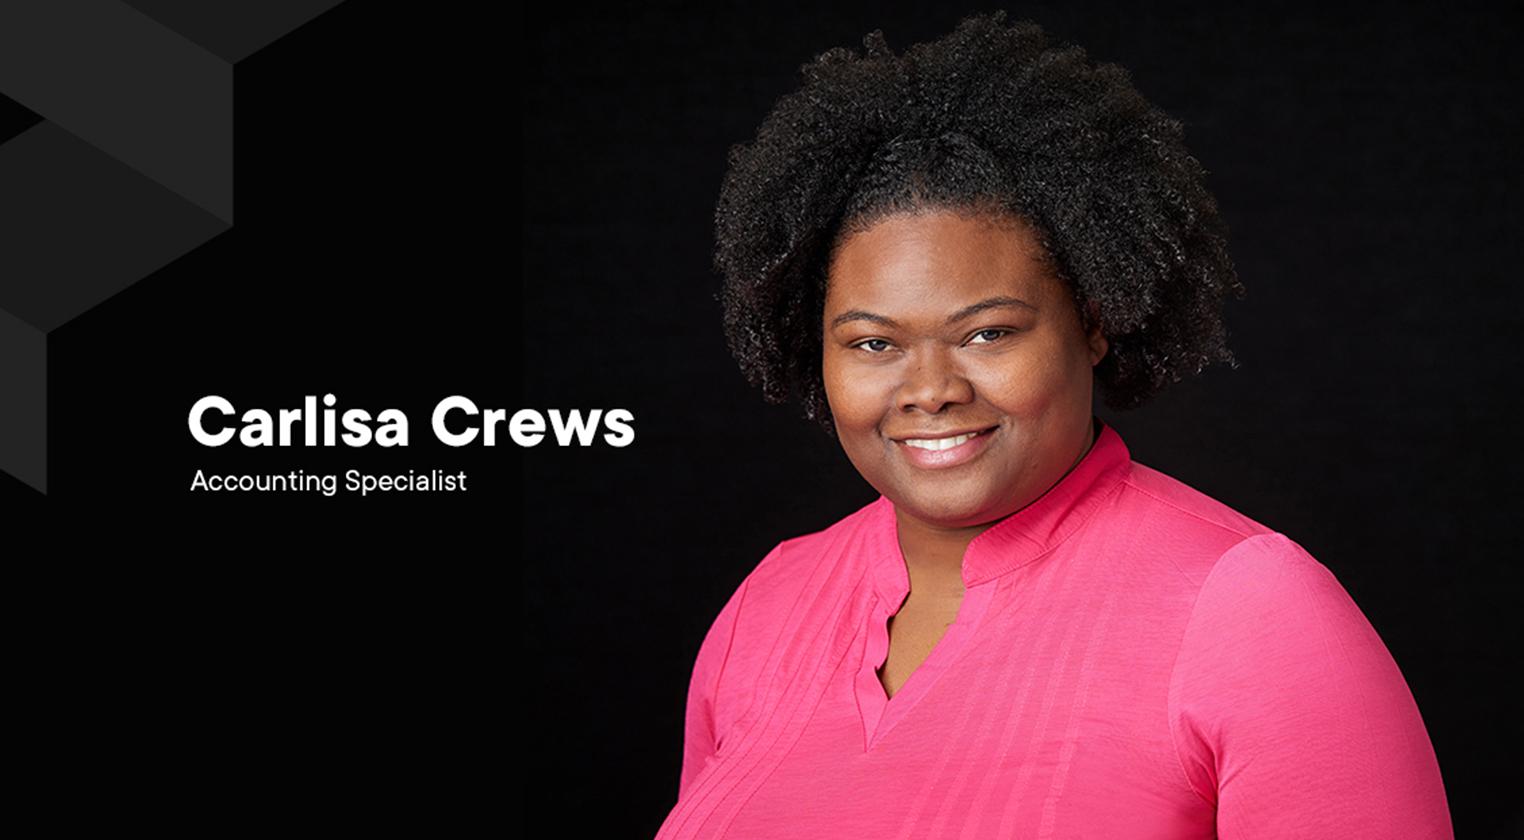 Meet Carlisa Crews